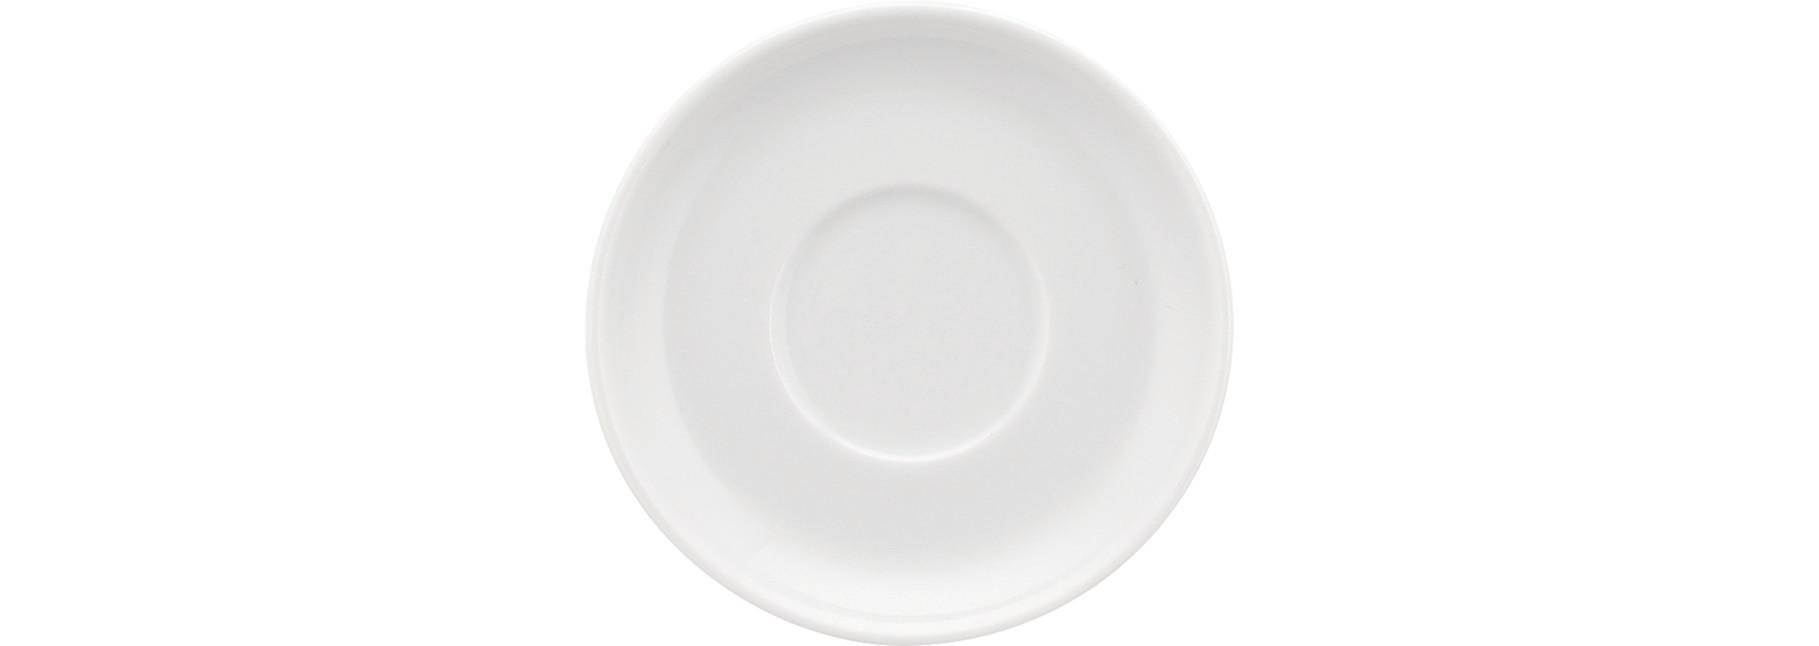 898/598, Untertasse ø 136 mm Form 498